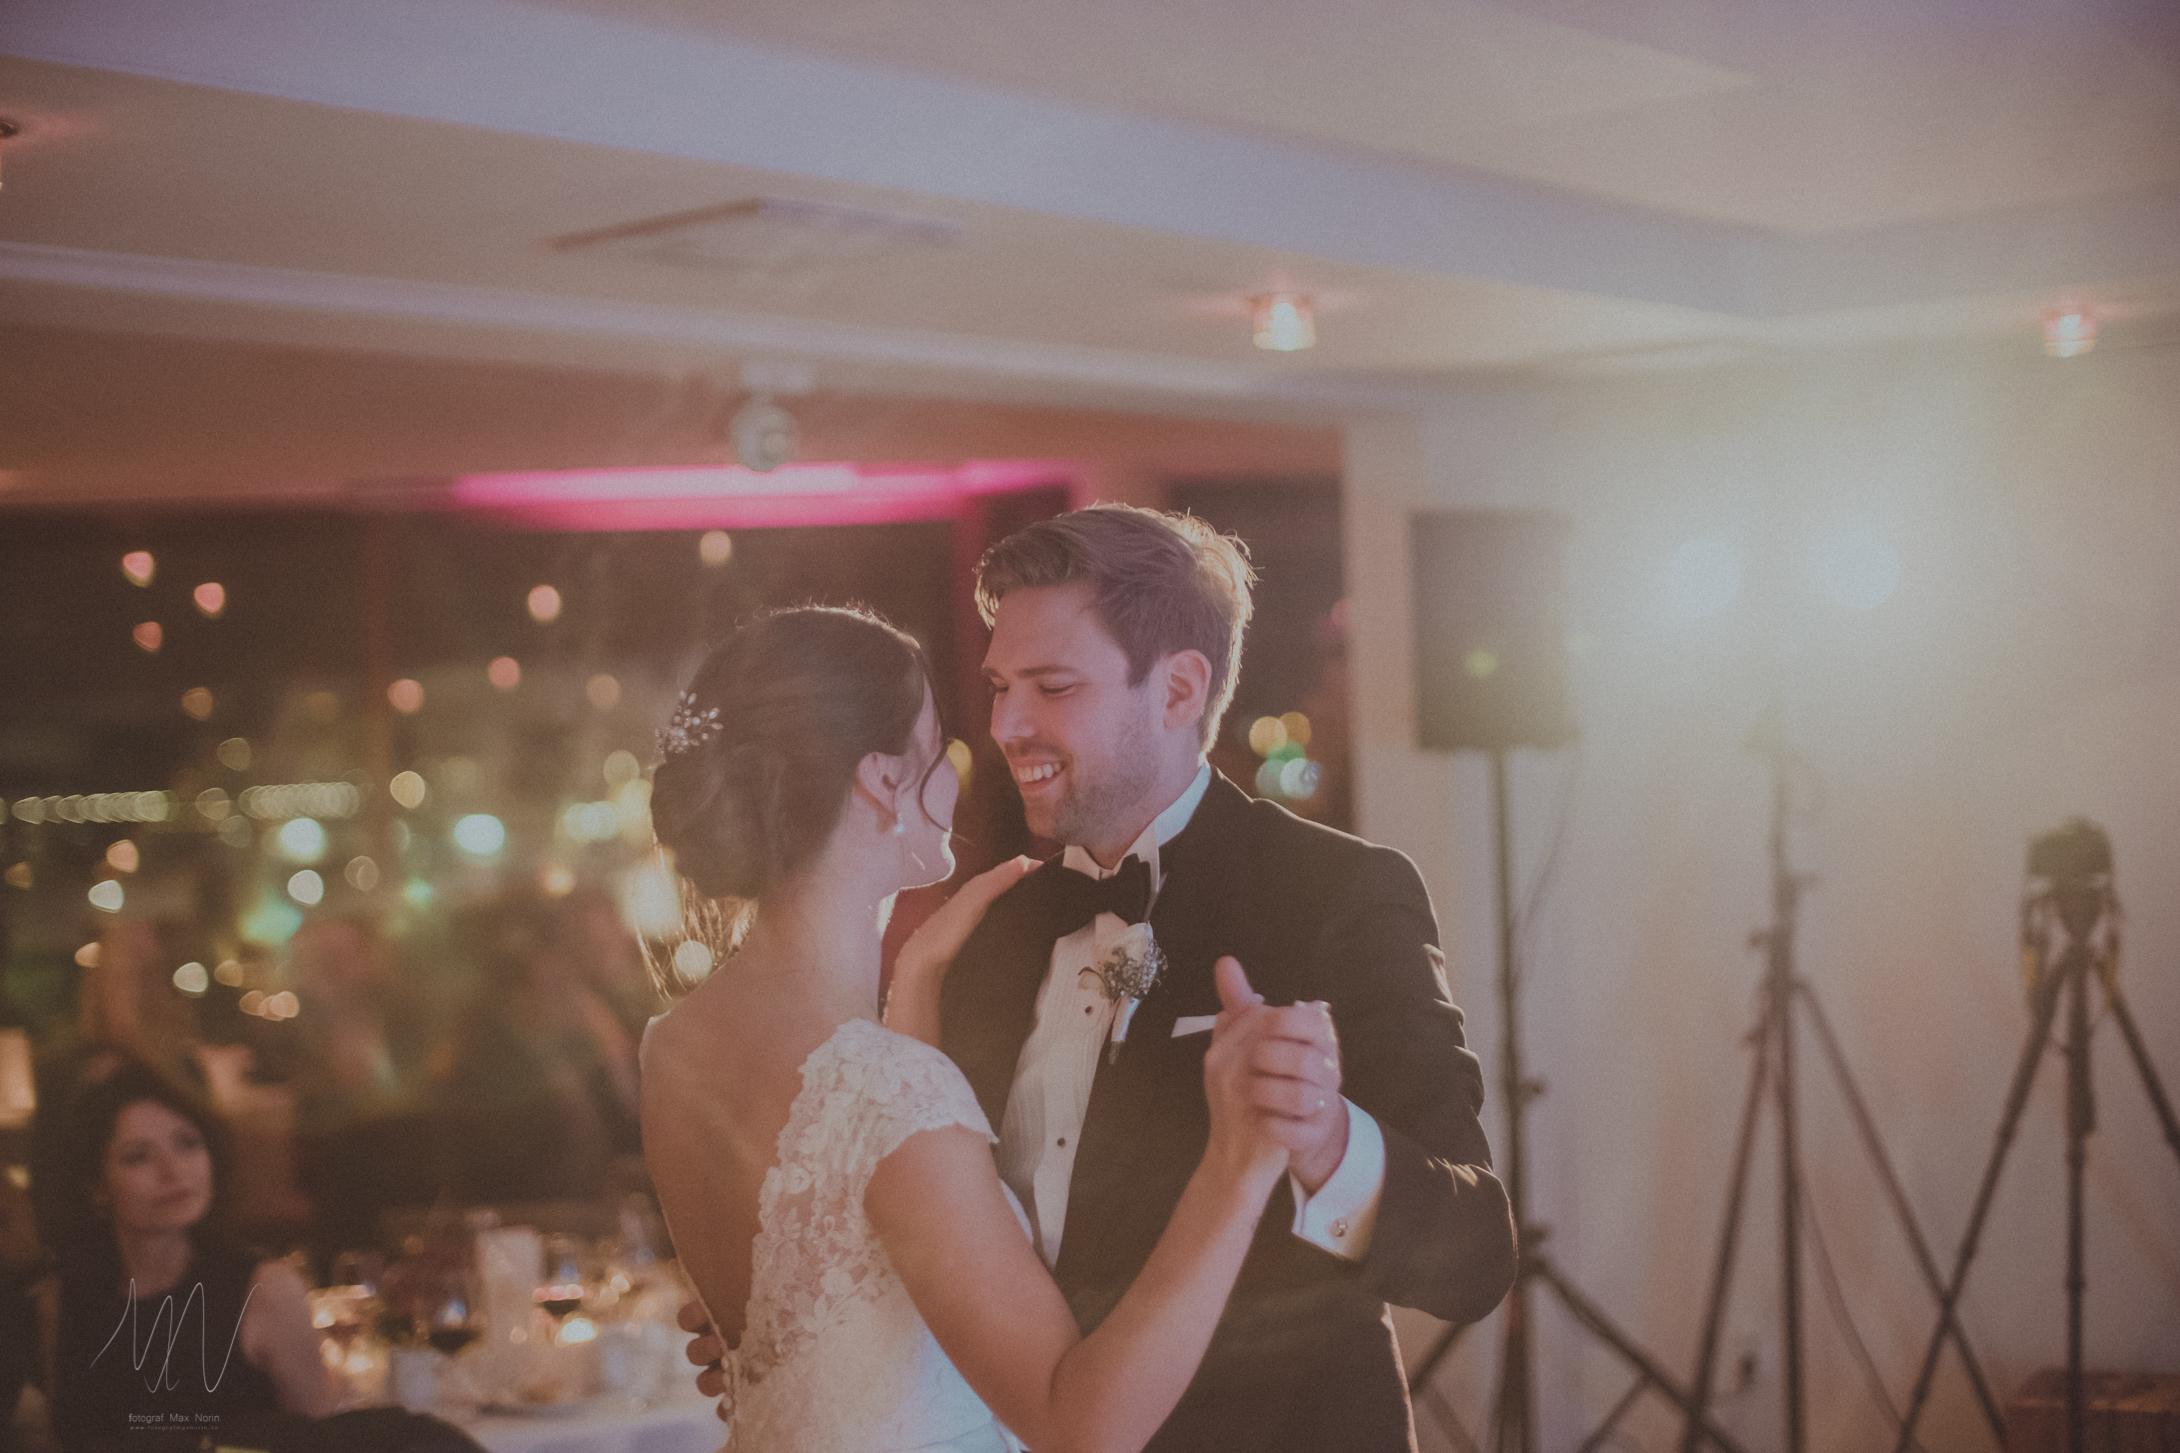 bröllopsfoto-fotograf-max-norin-456.jpg